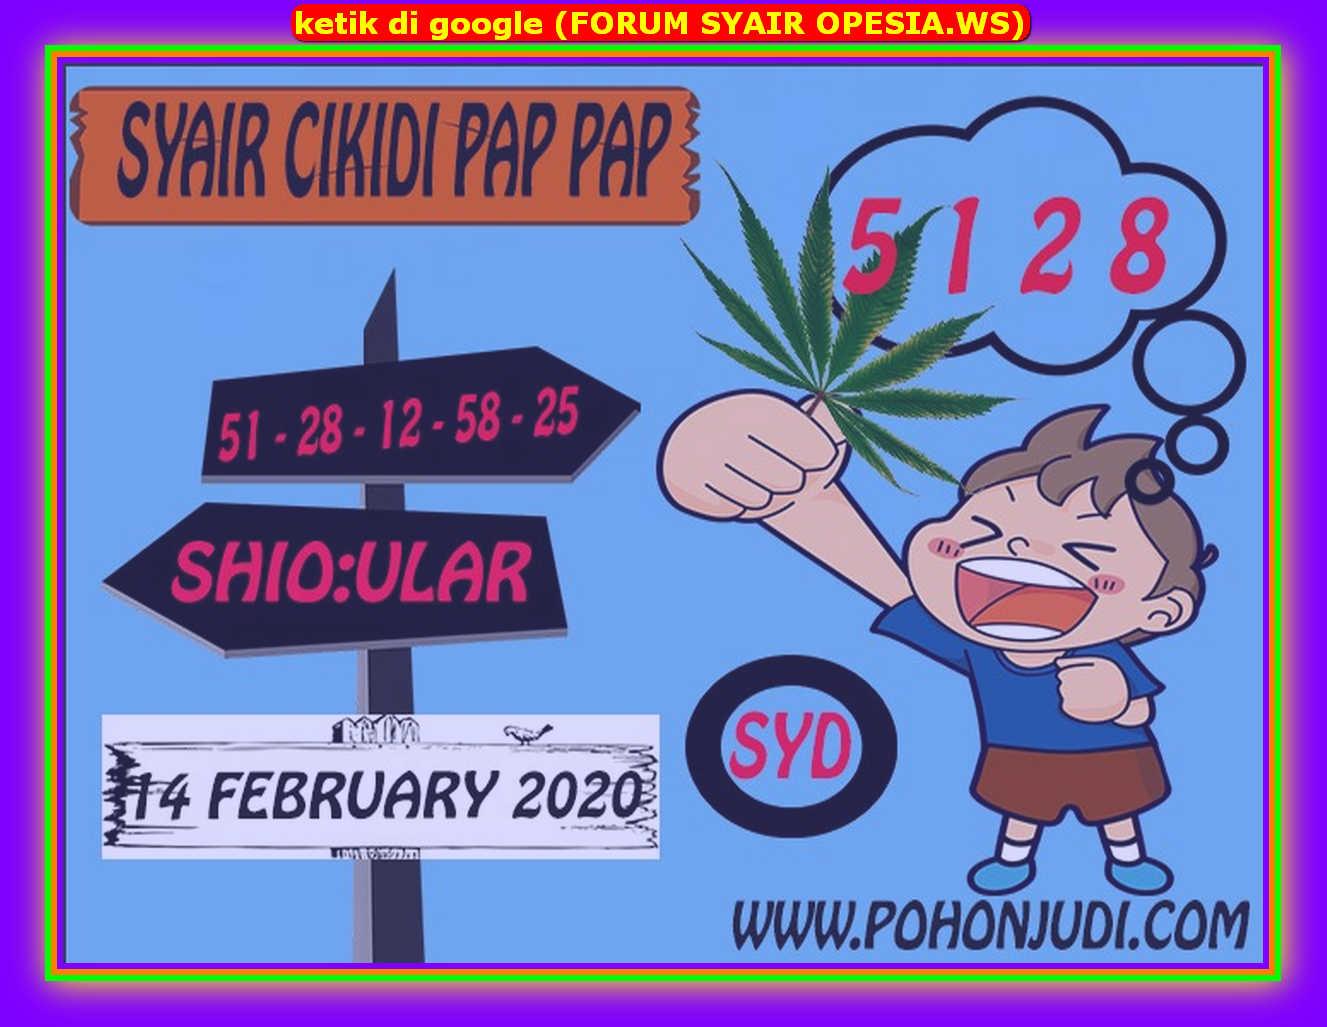 Kode syair Sydney Jumat 14 Februari 2020 102